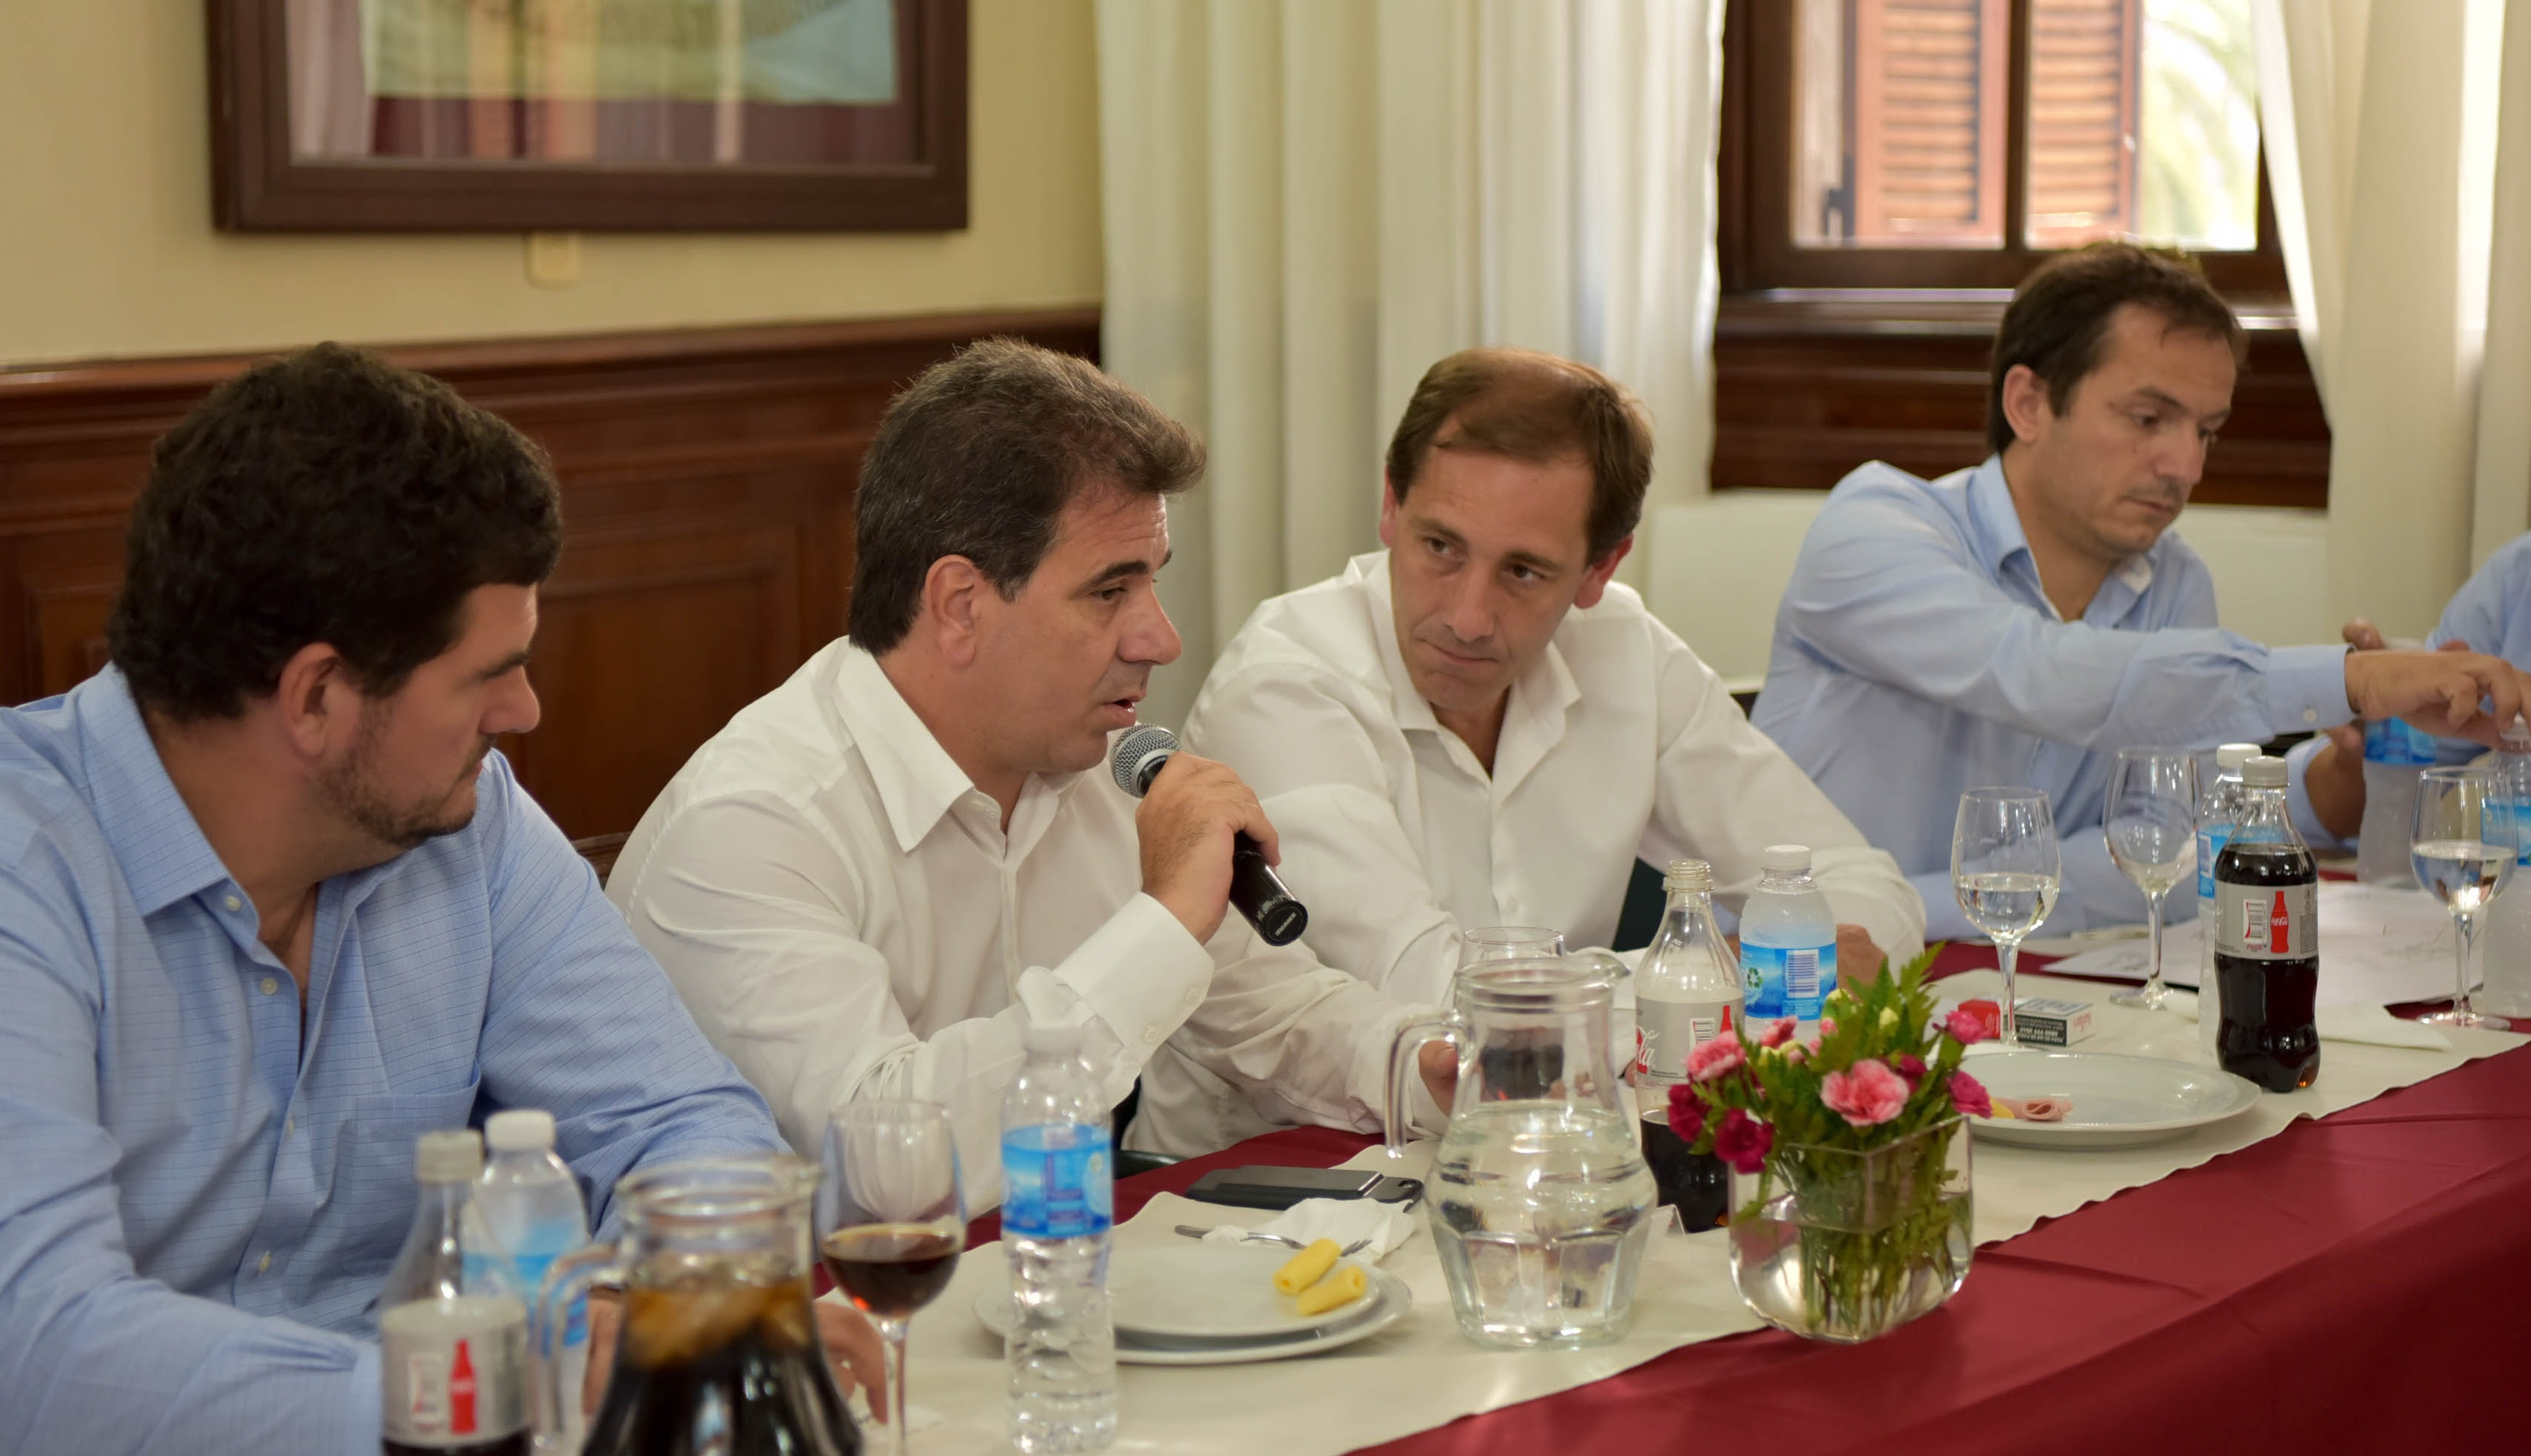 La Plata / Llegarán 300 nuevos efectivos federales a la ciudad